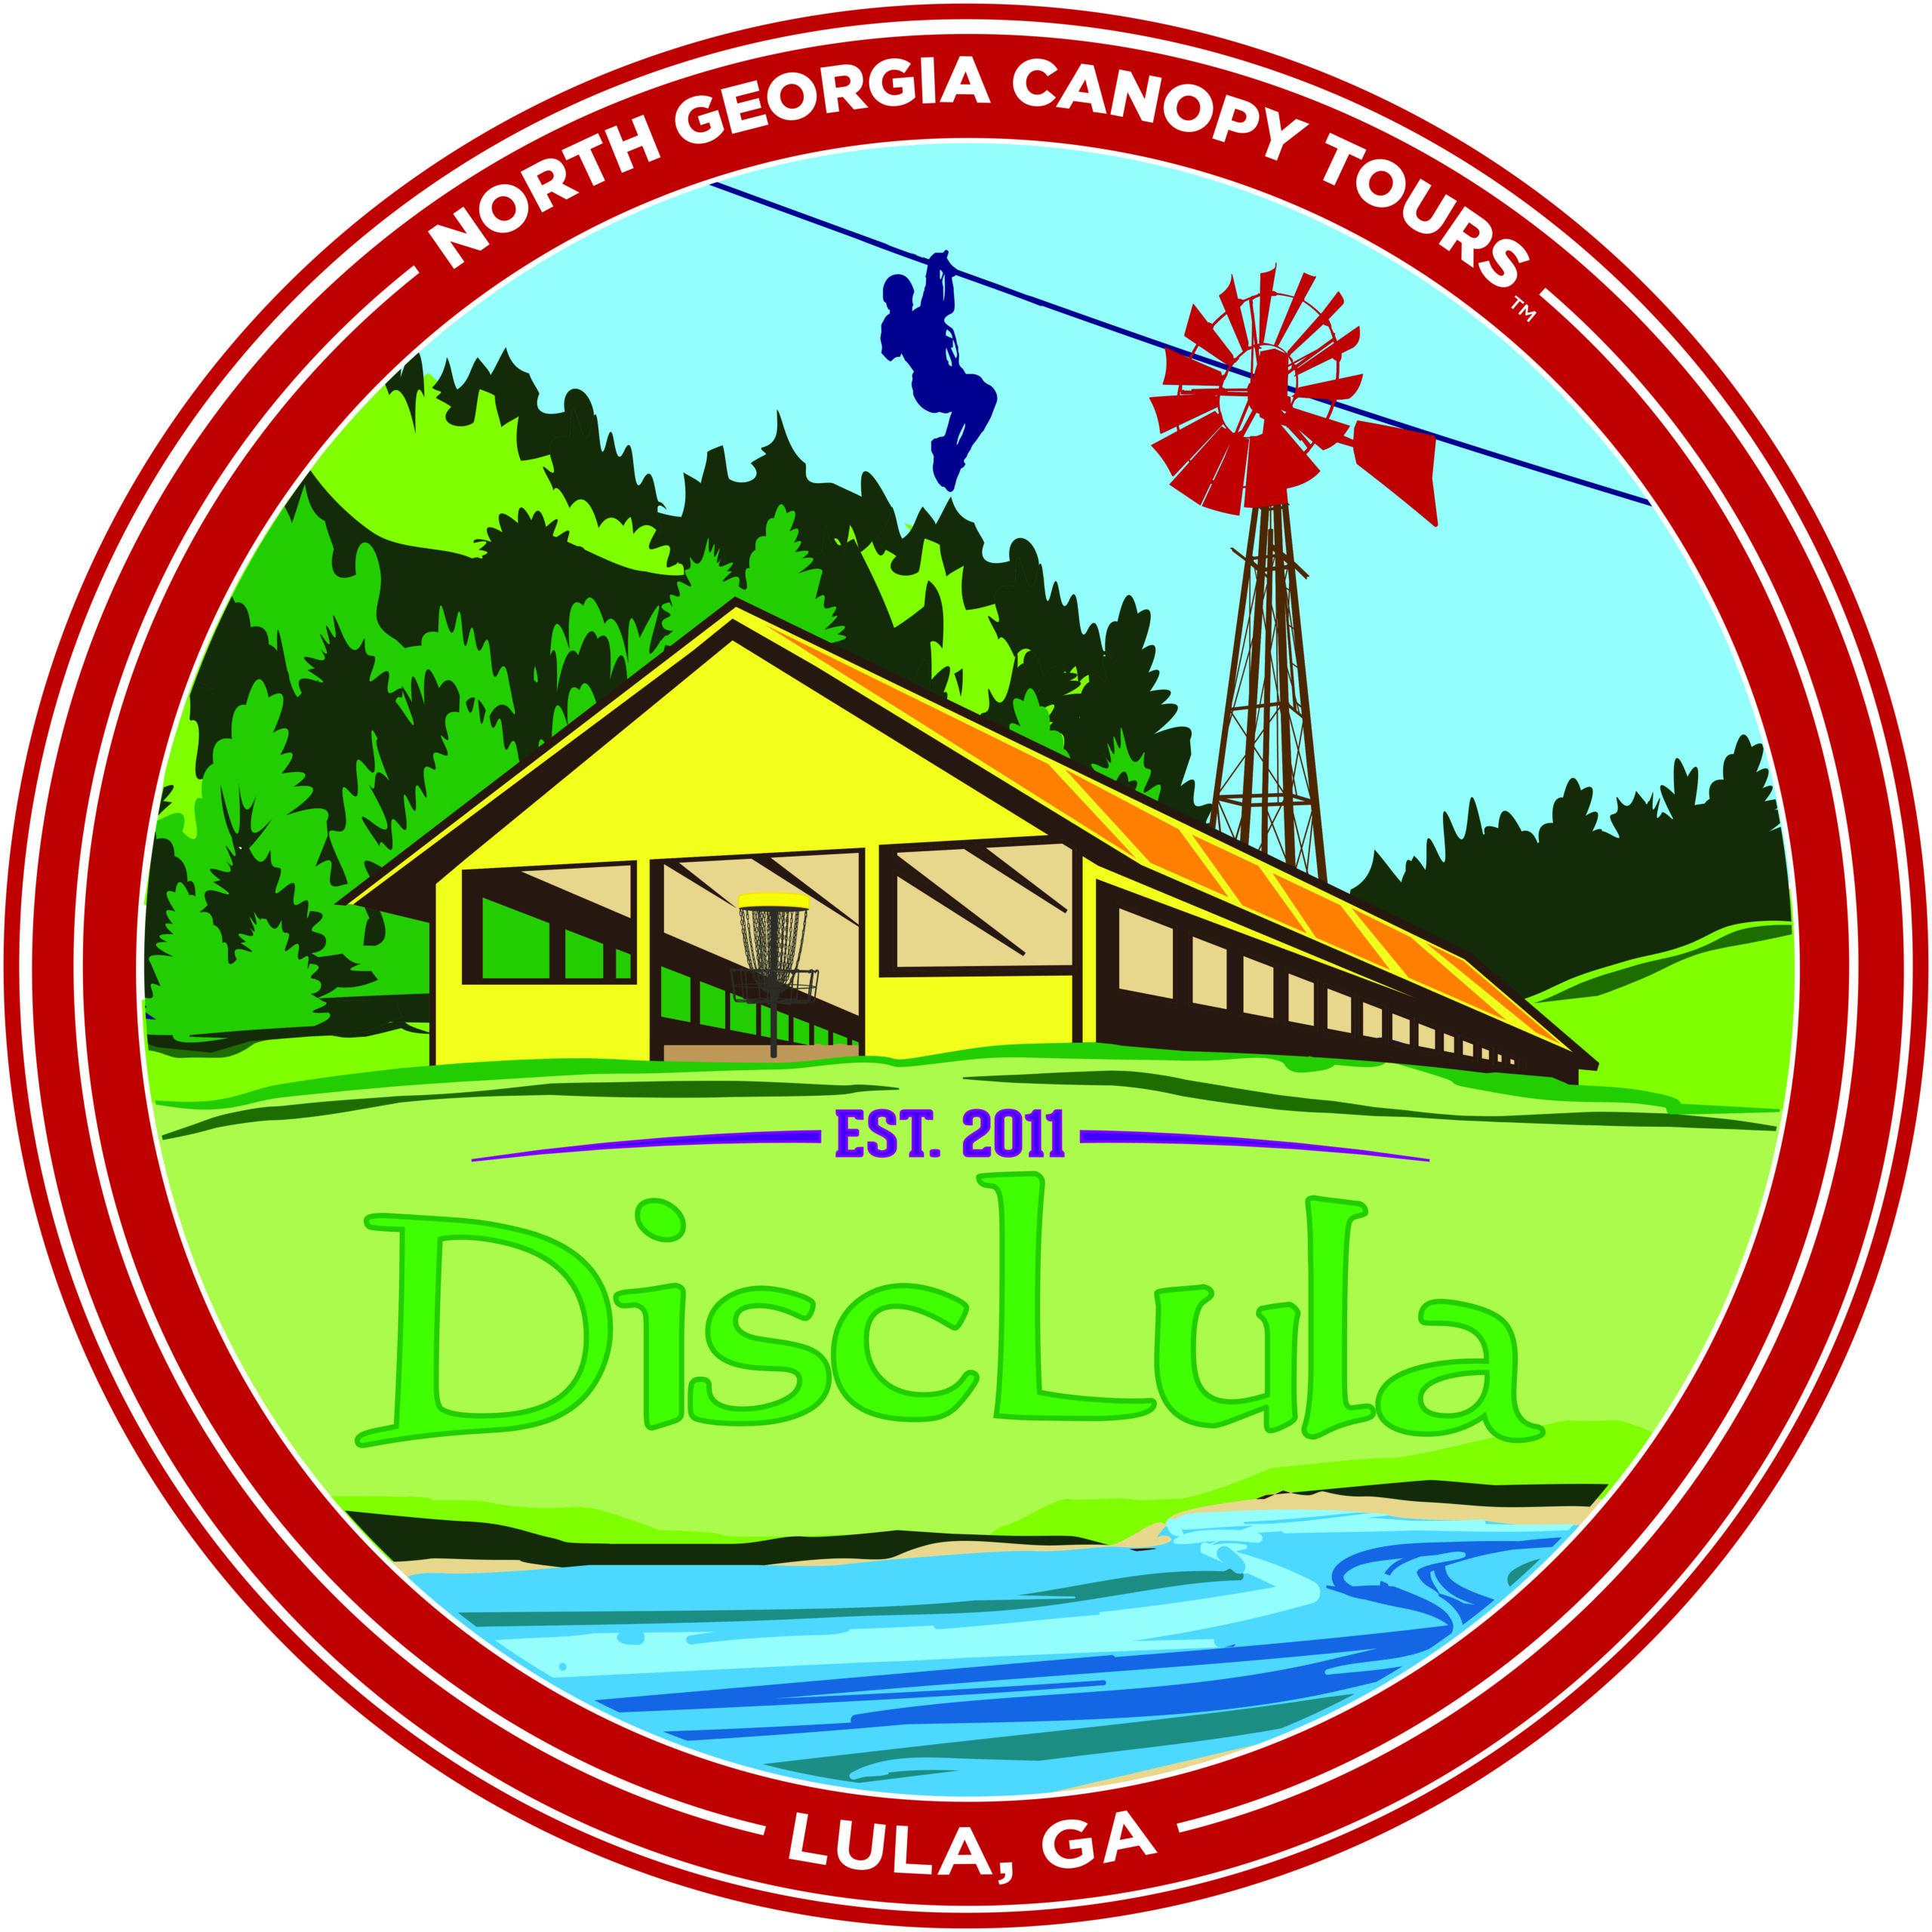 Disc Lula